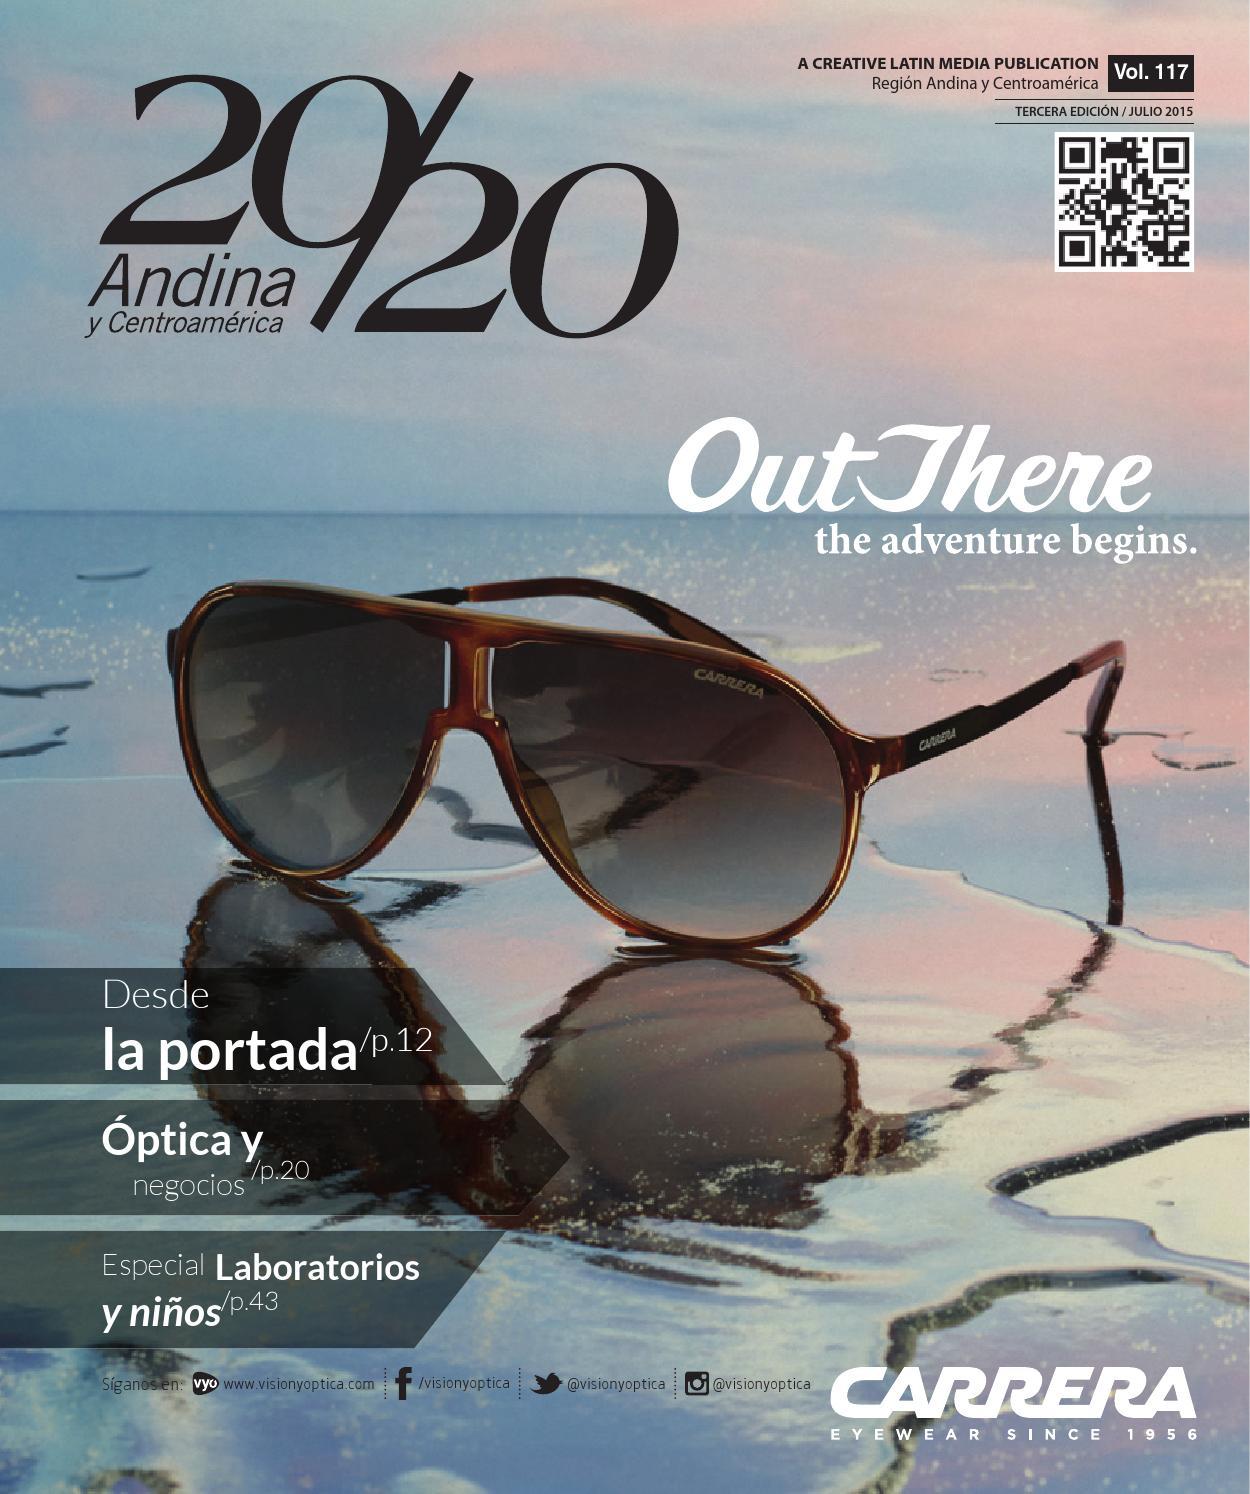 2e2c4efeb7afe AND 2020 3ra 2015 by Creative Latin Media LLC - issuu